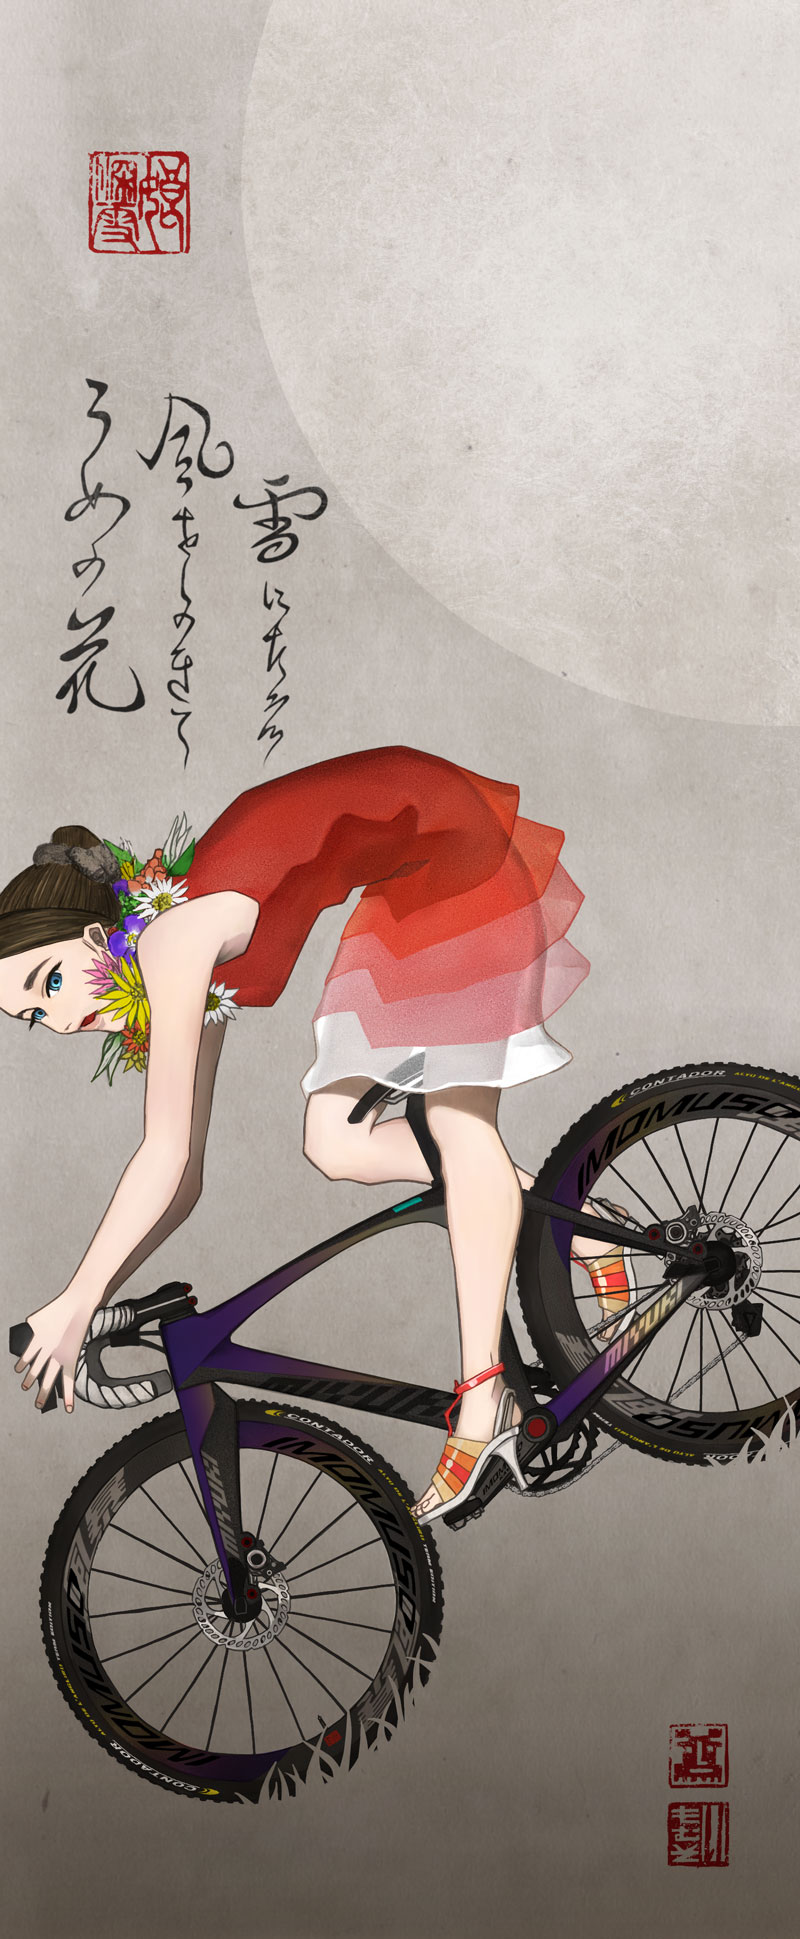 月にフェンディを着た女性とシクロクロスバイク